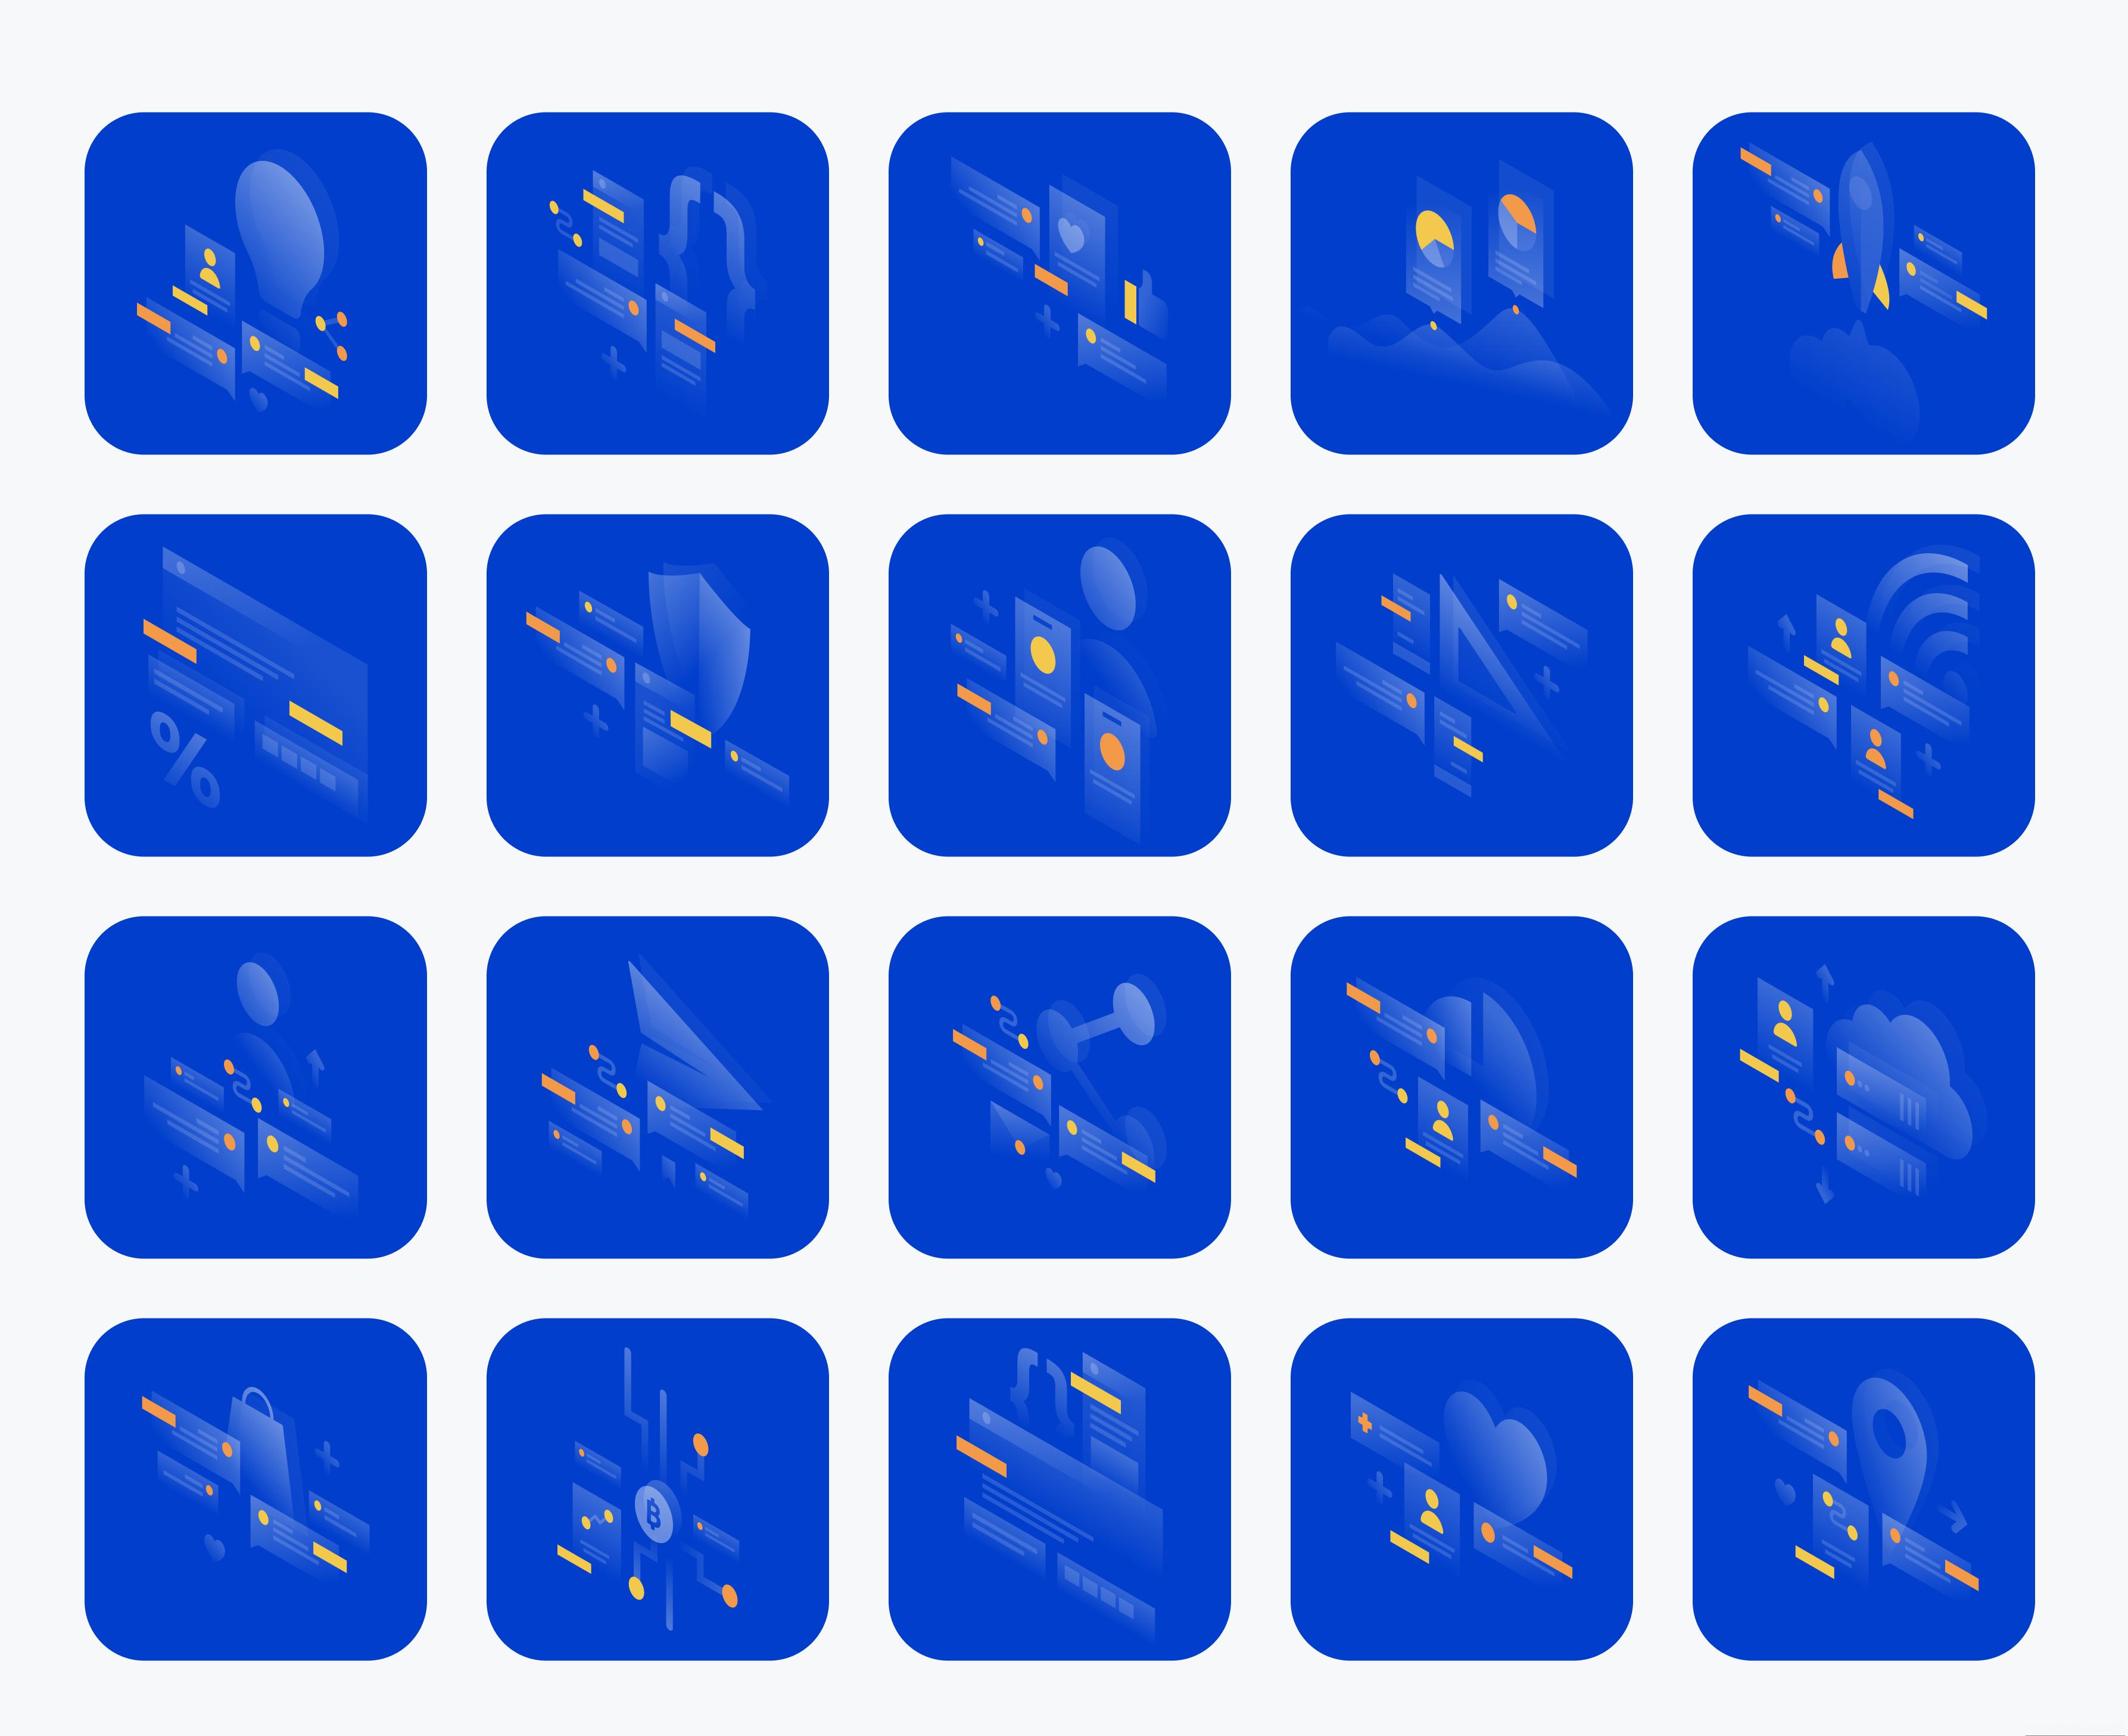 2.5D商务风插画原文家下载,2.5D透视空状态引导页插画ai源文件